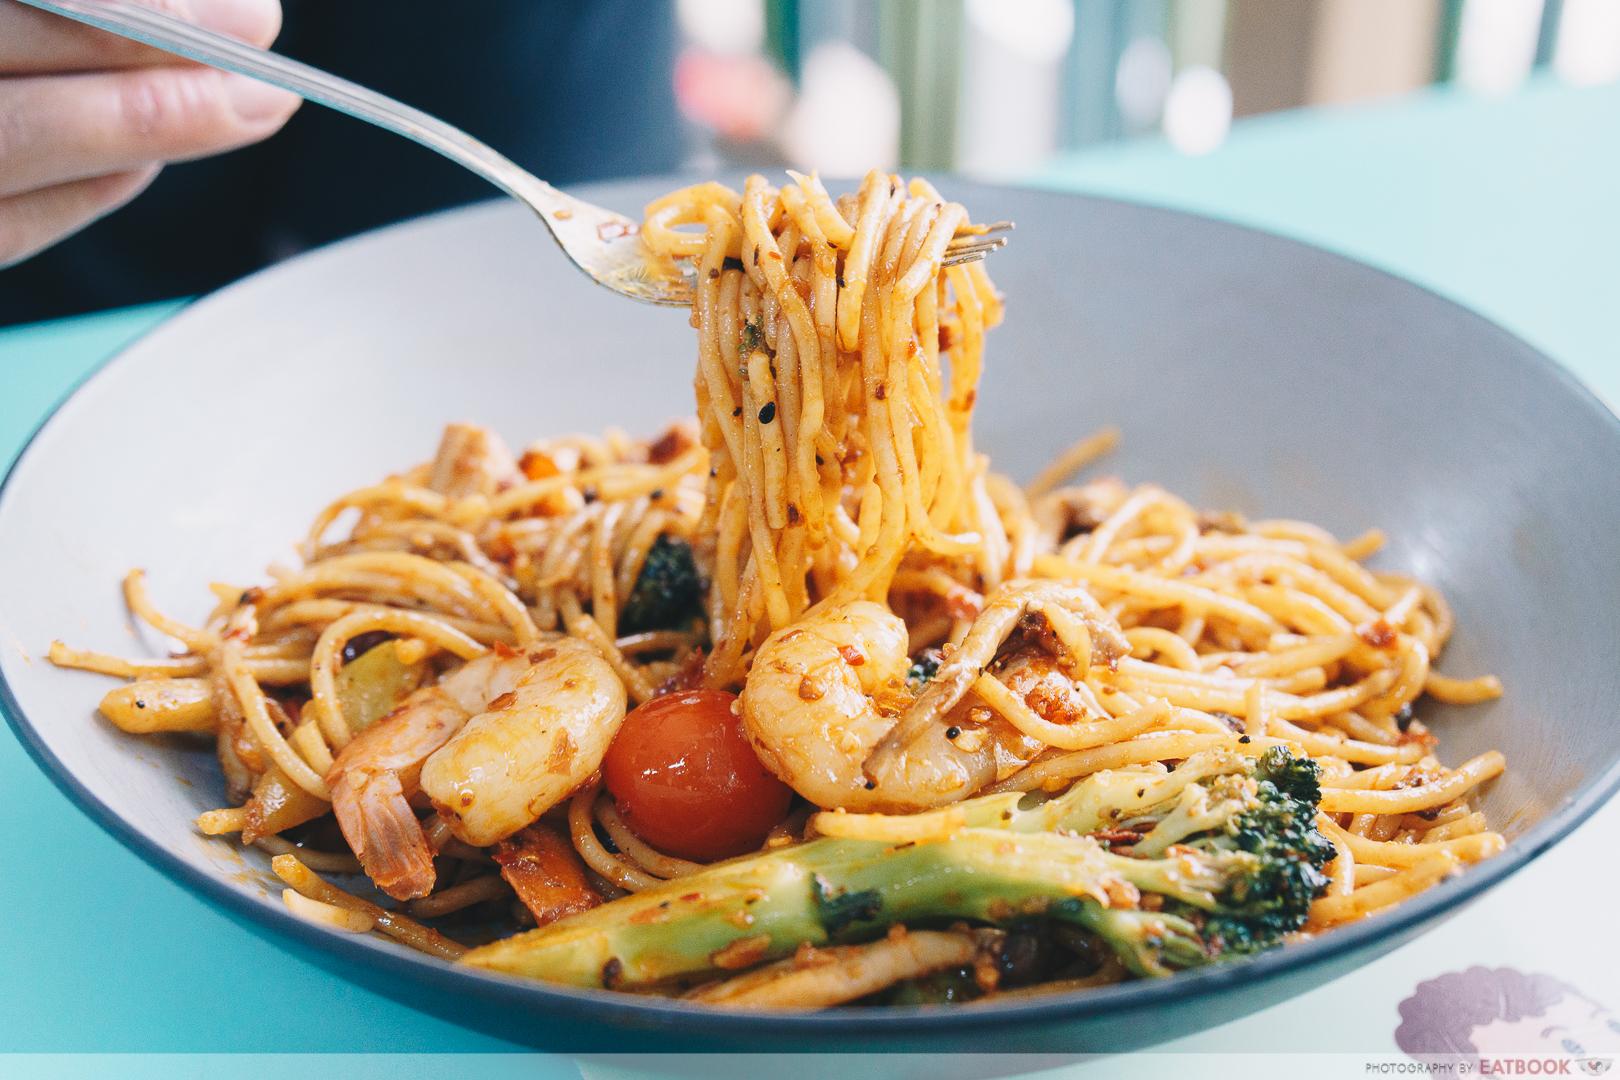 Eddy's No.1 - mala spaghetti noodle pull